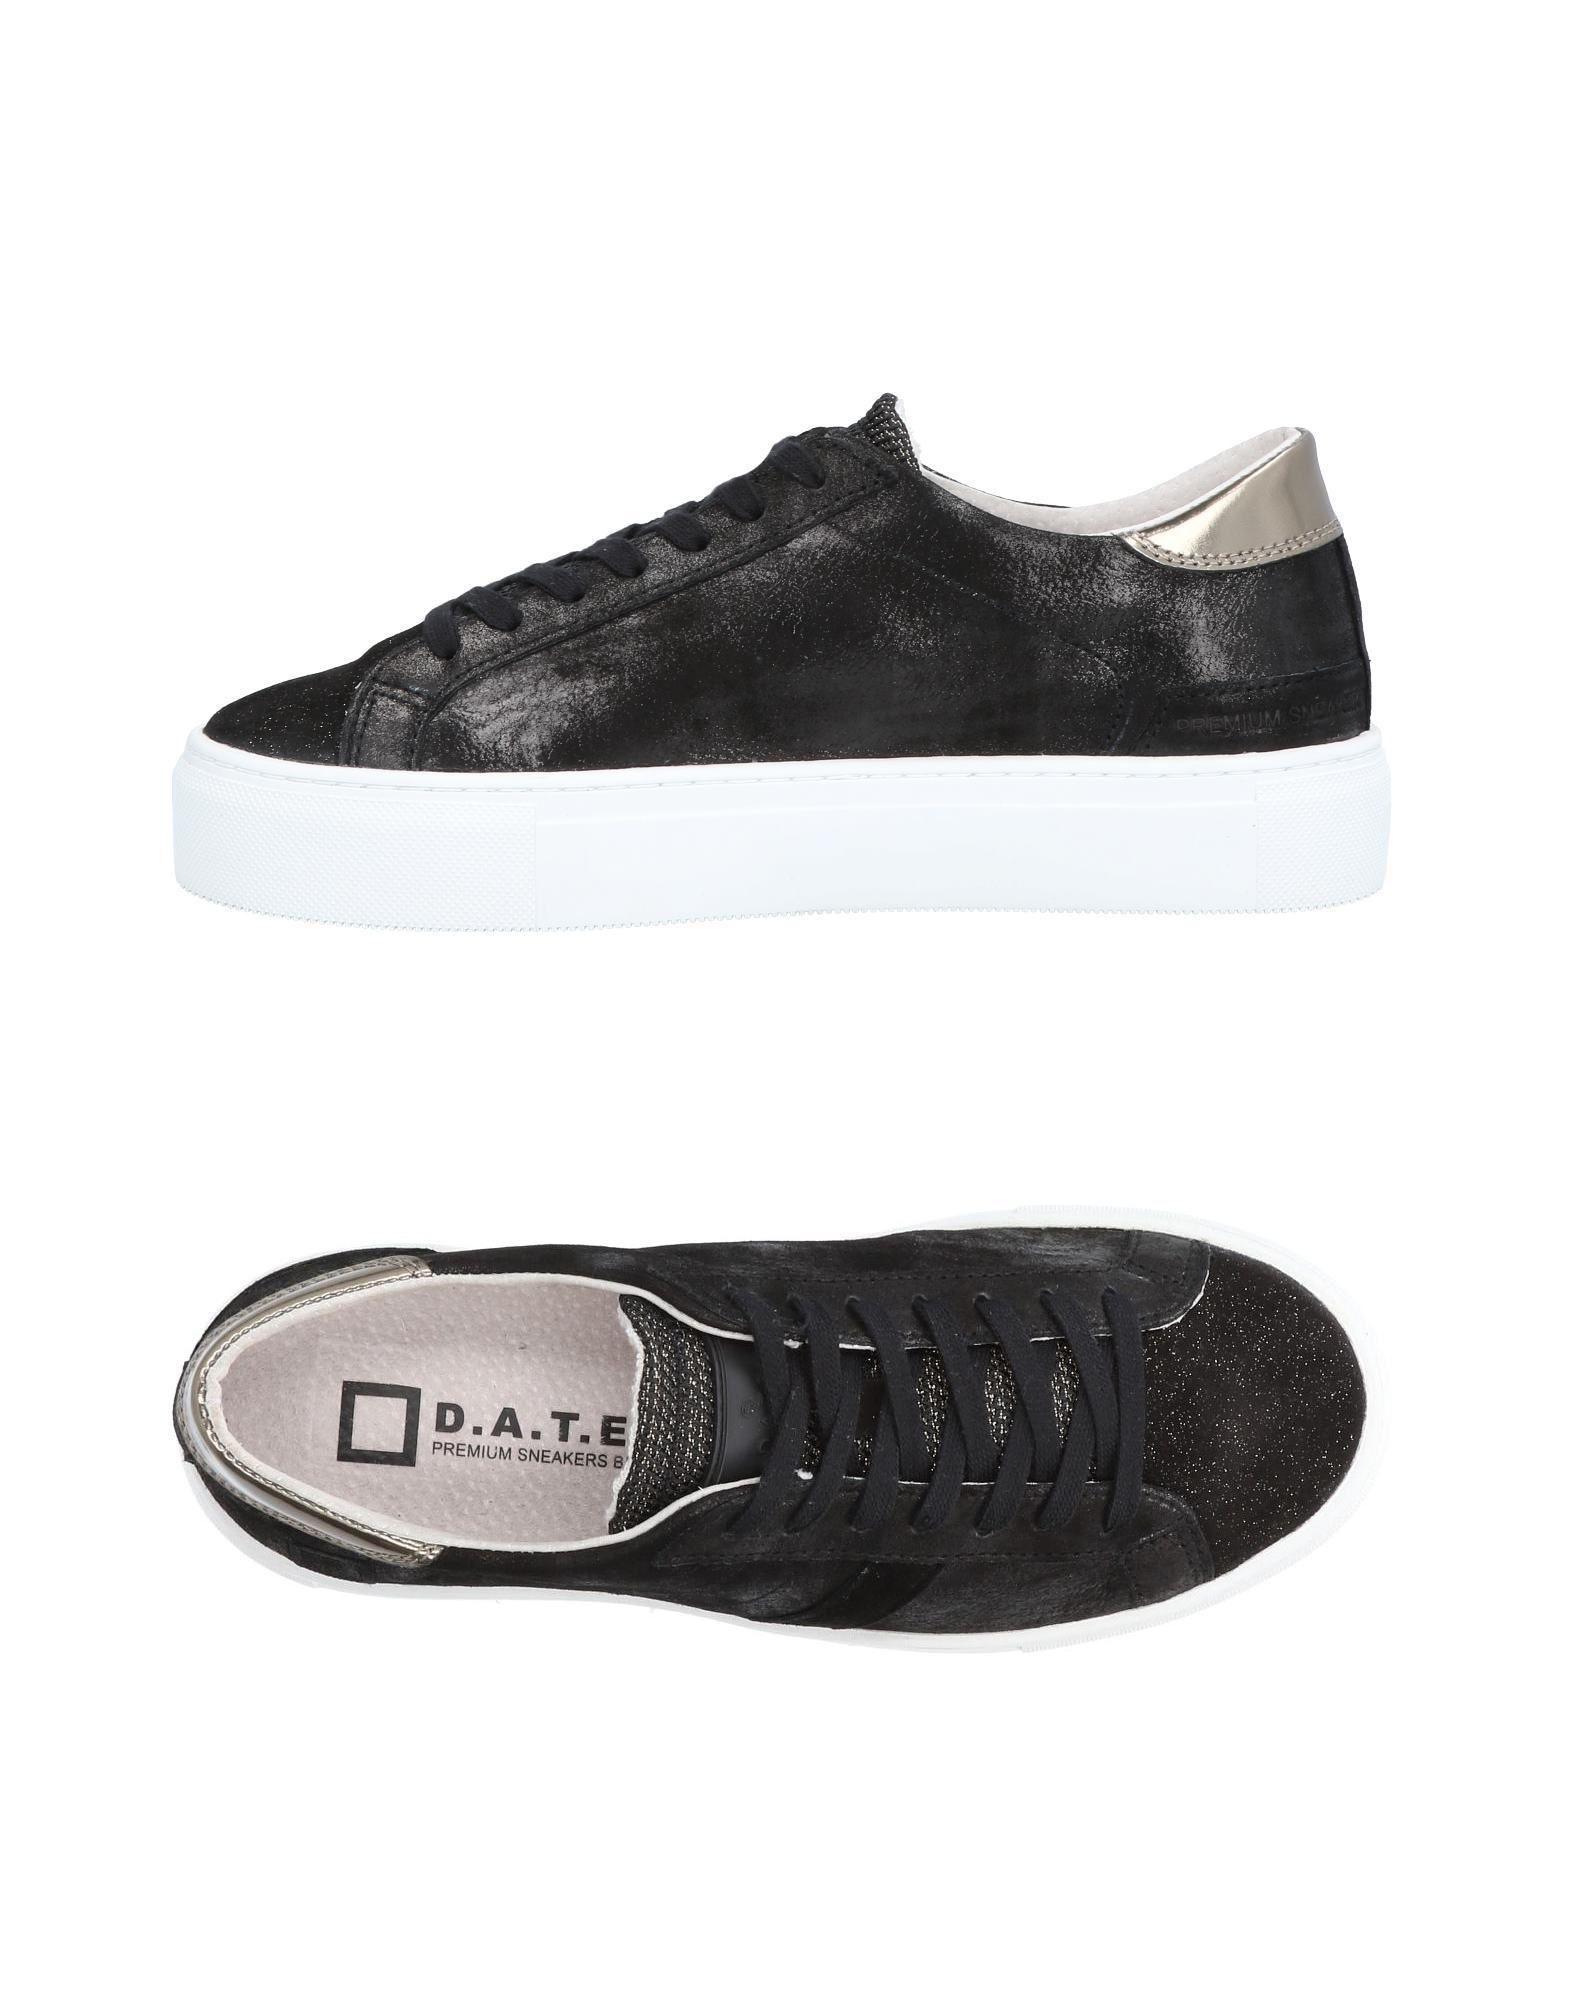 D.A.T.E. Sneakers Damen  11481676BA Gute Qualität beliebte Schuhe